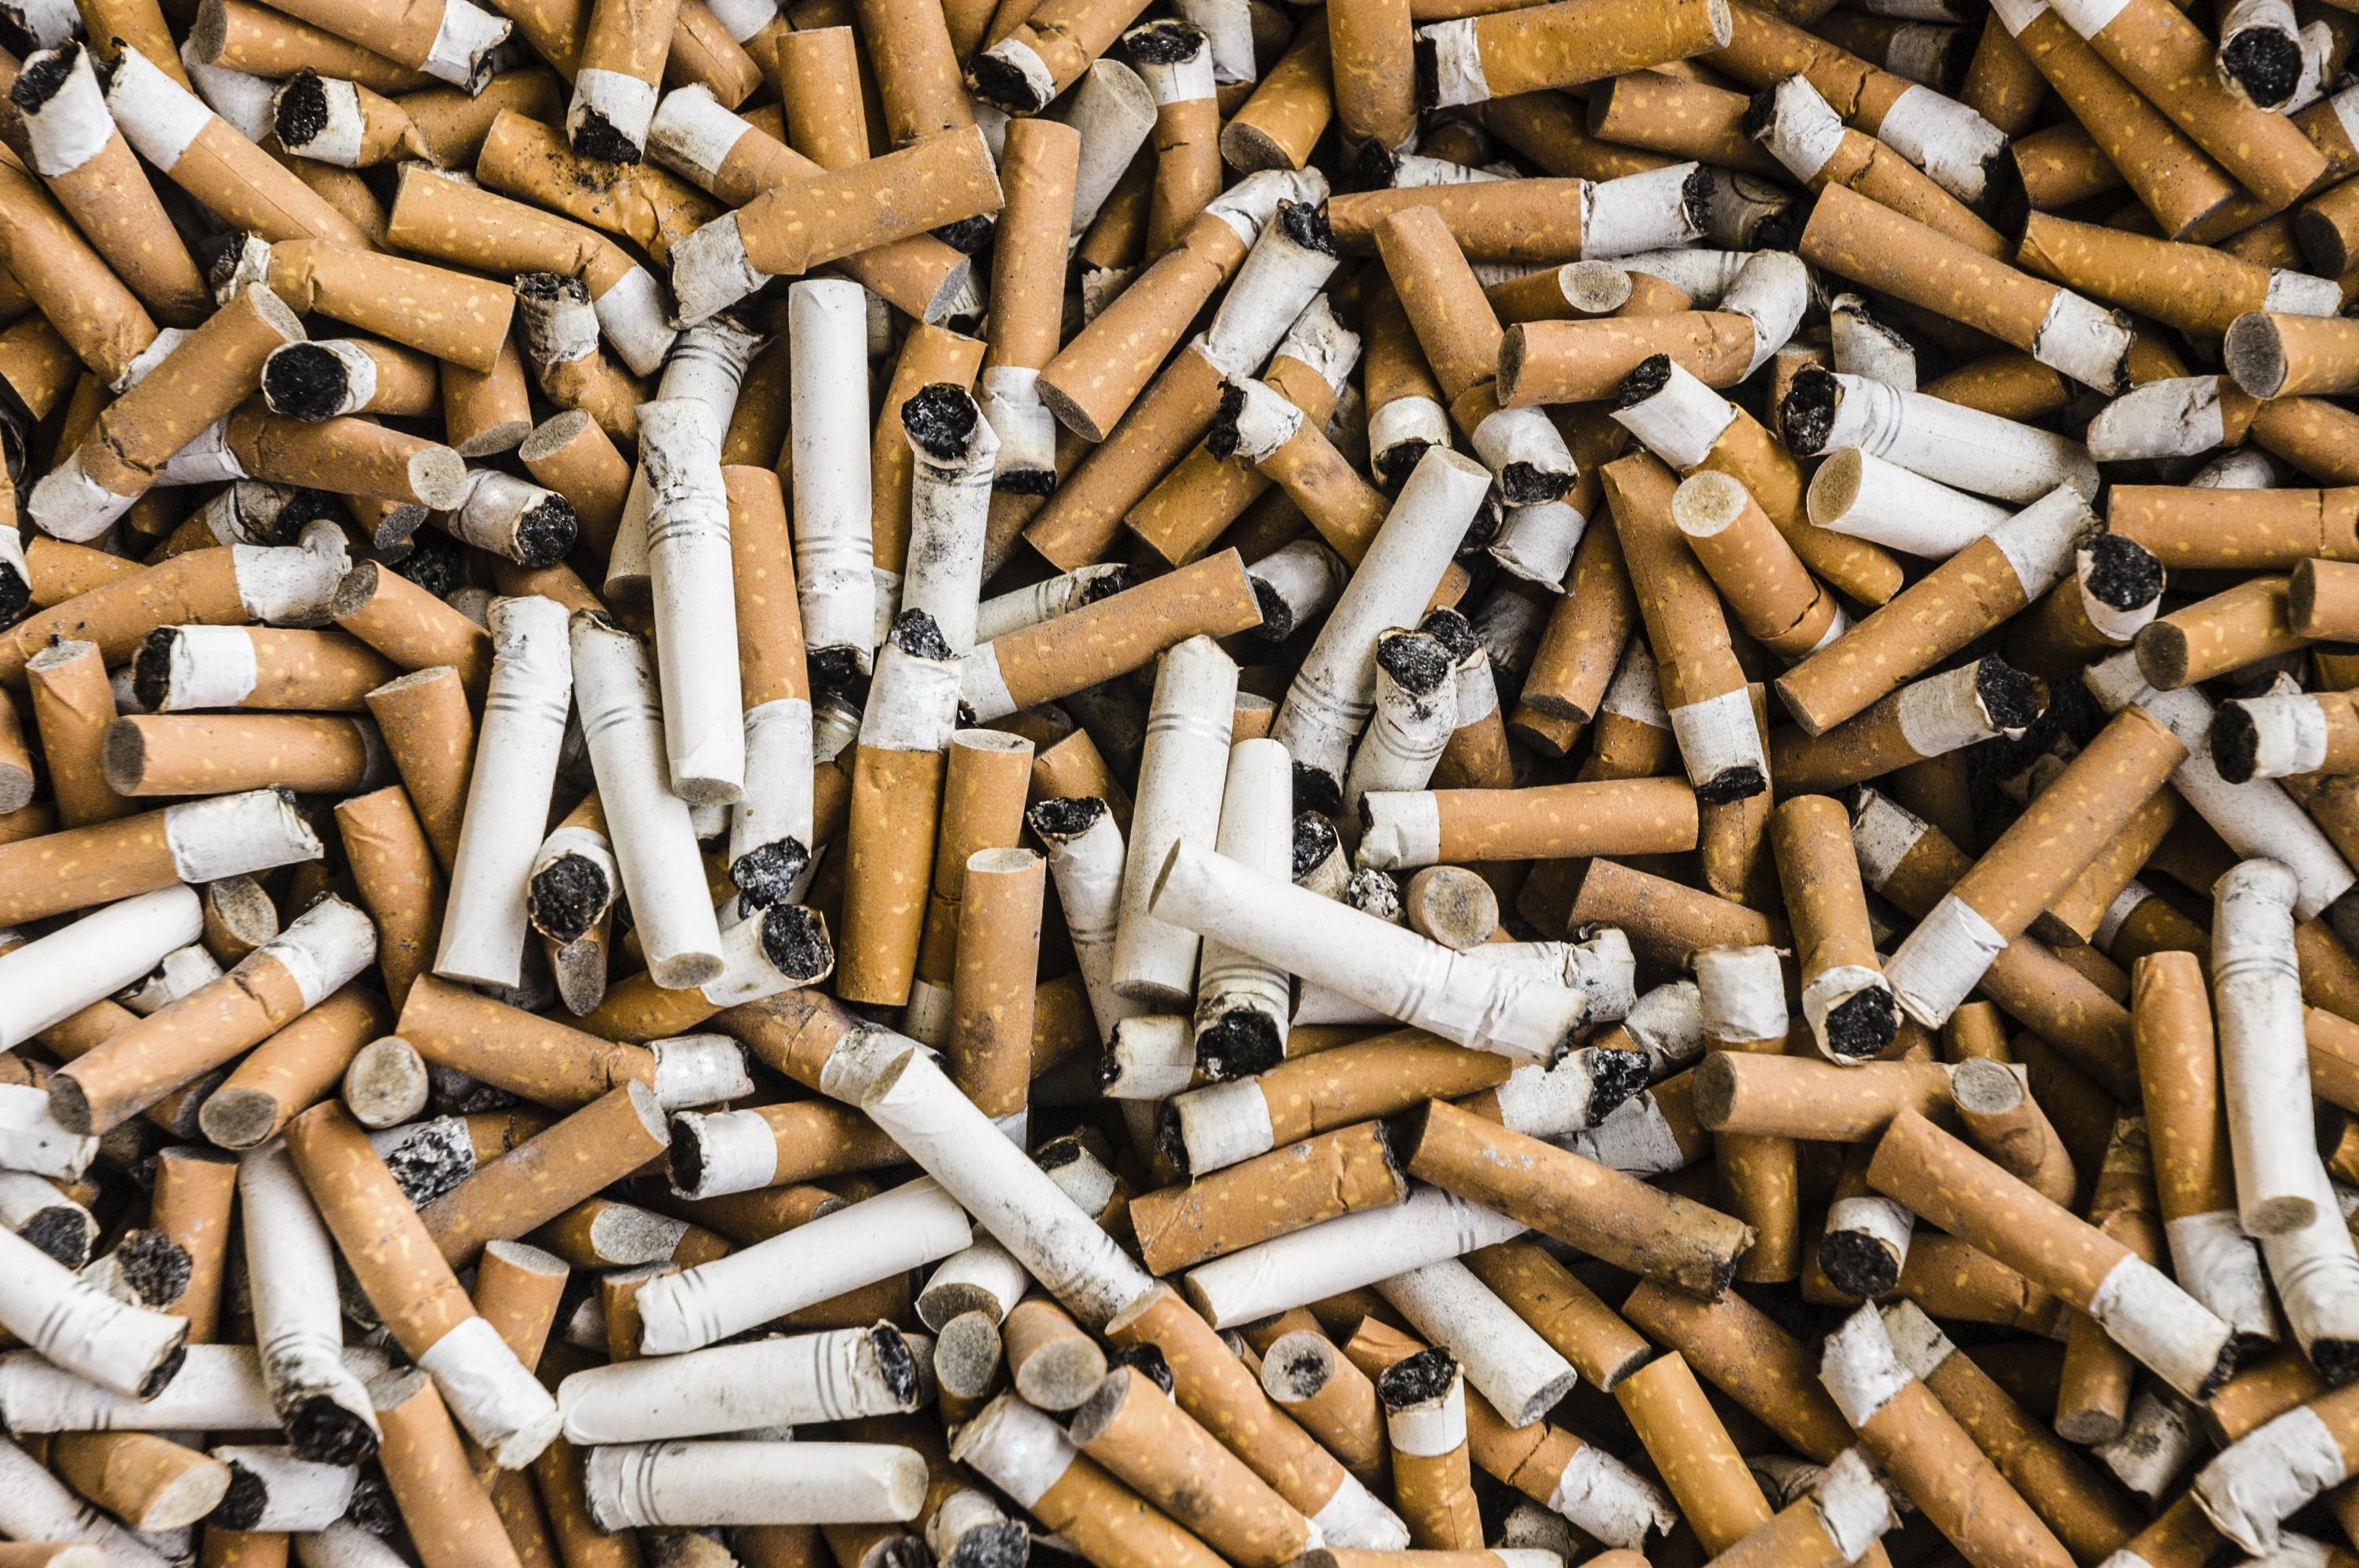 inquinamento mozziconi sigarette come combattere problema video курение курение